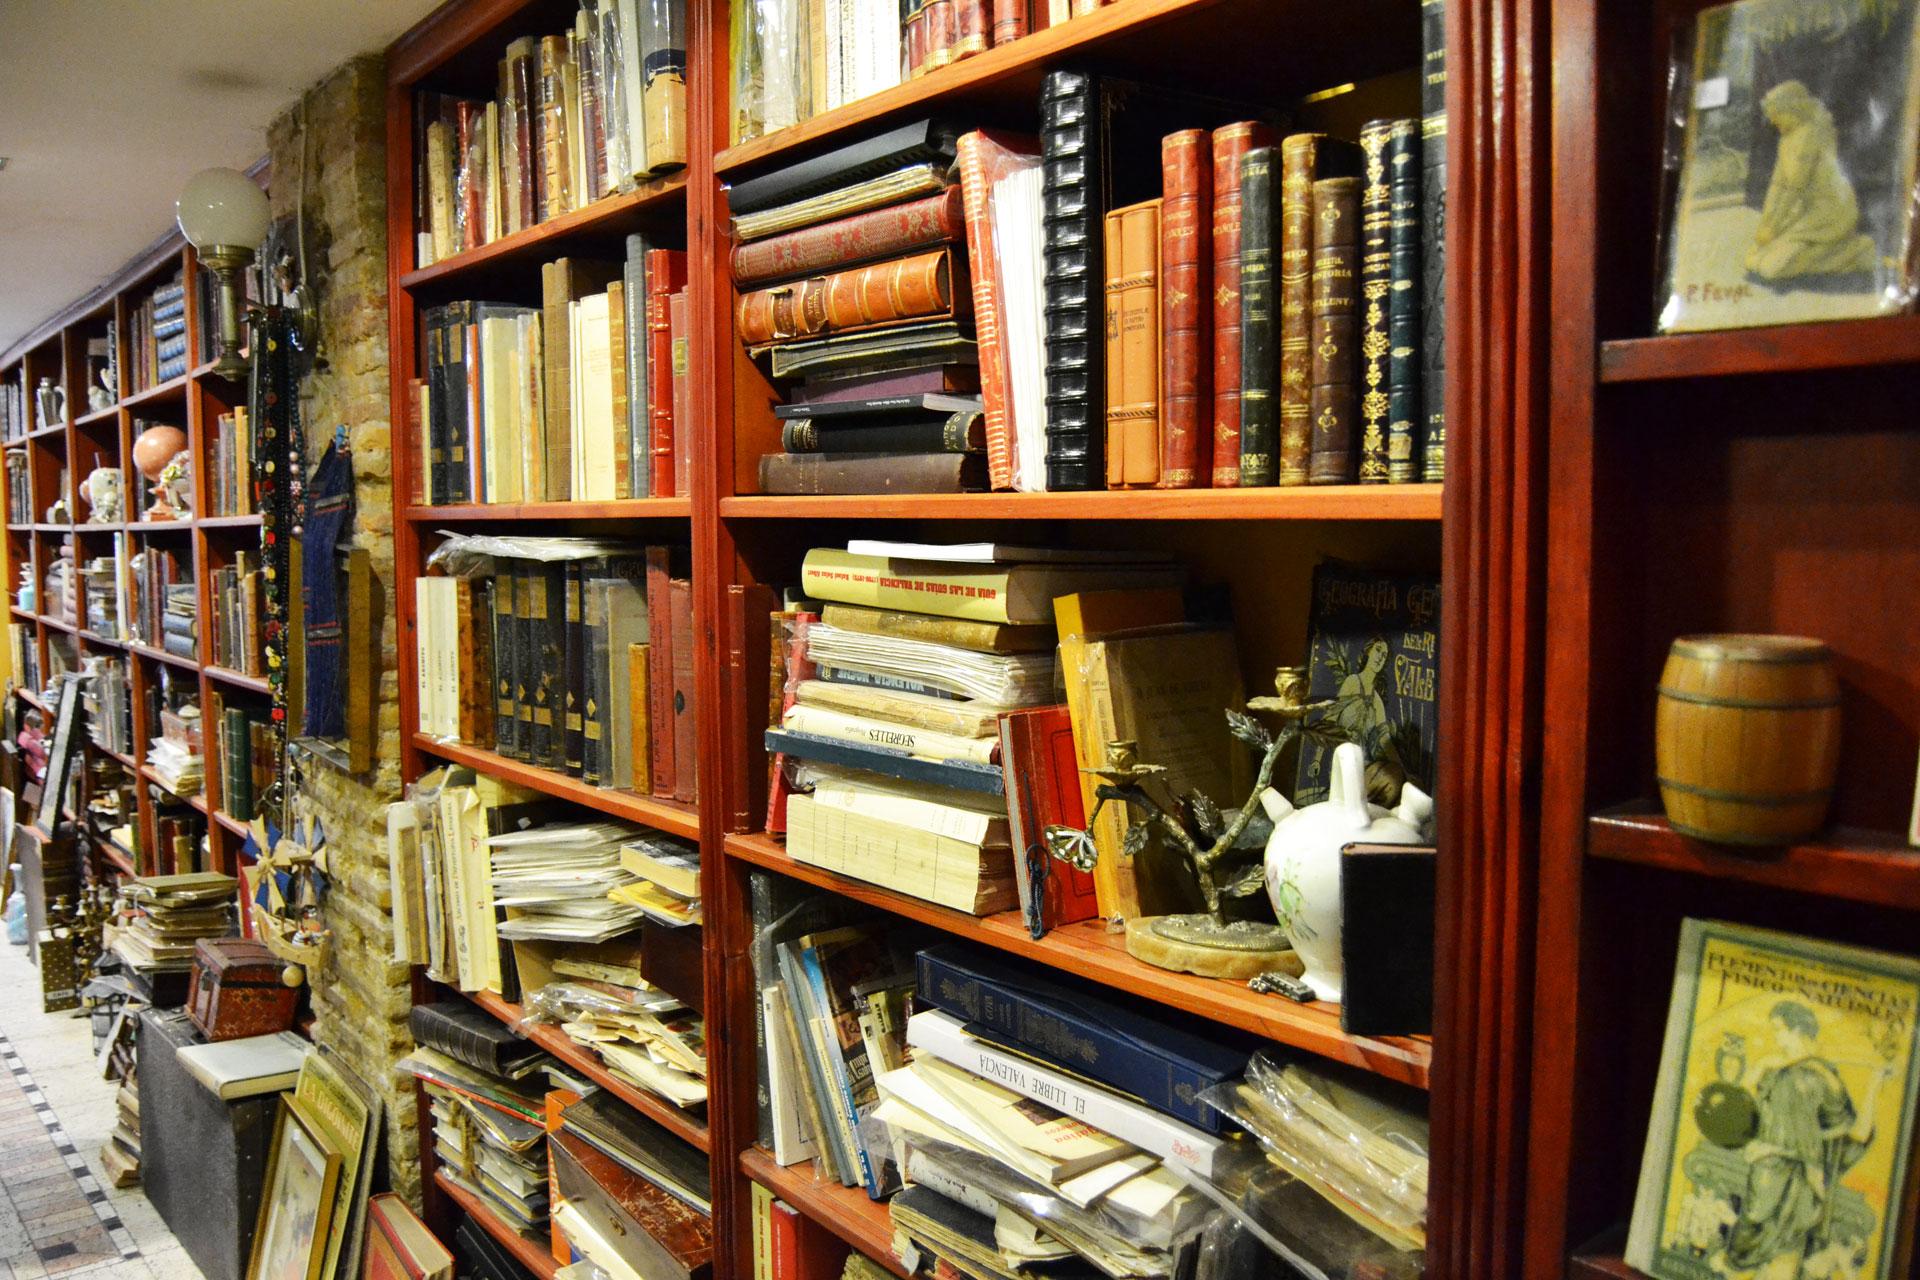 欧州の希少なアンティーク本が収められた古書店の本棚